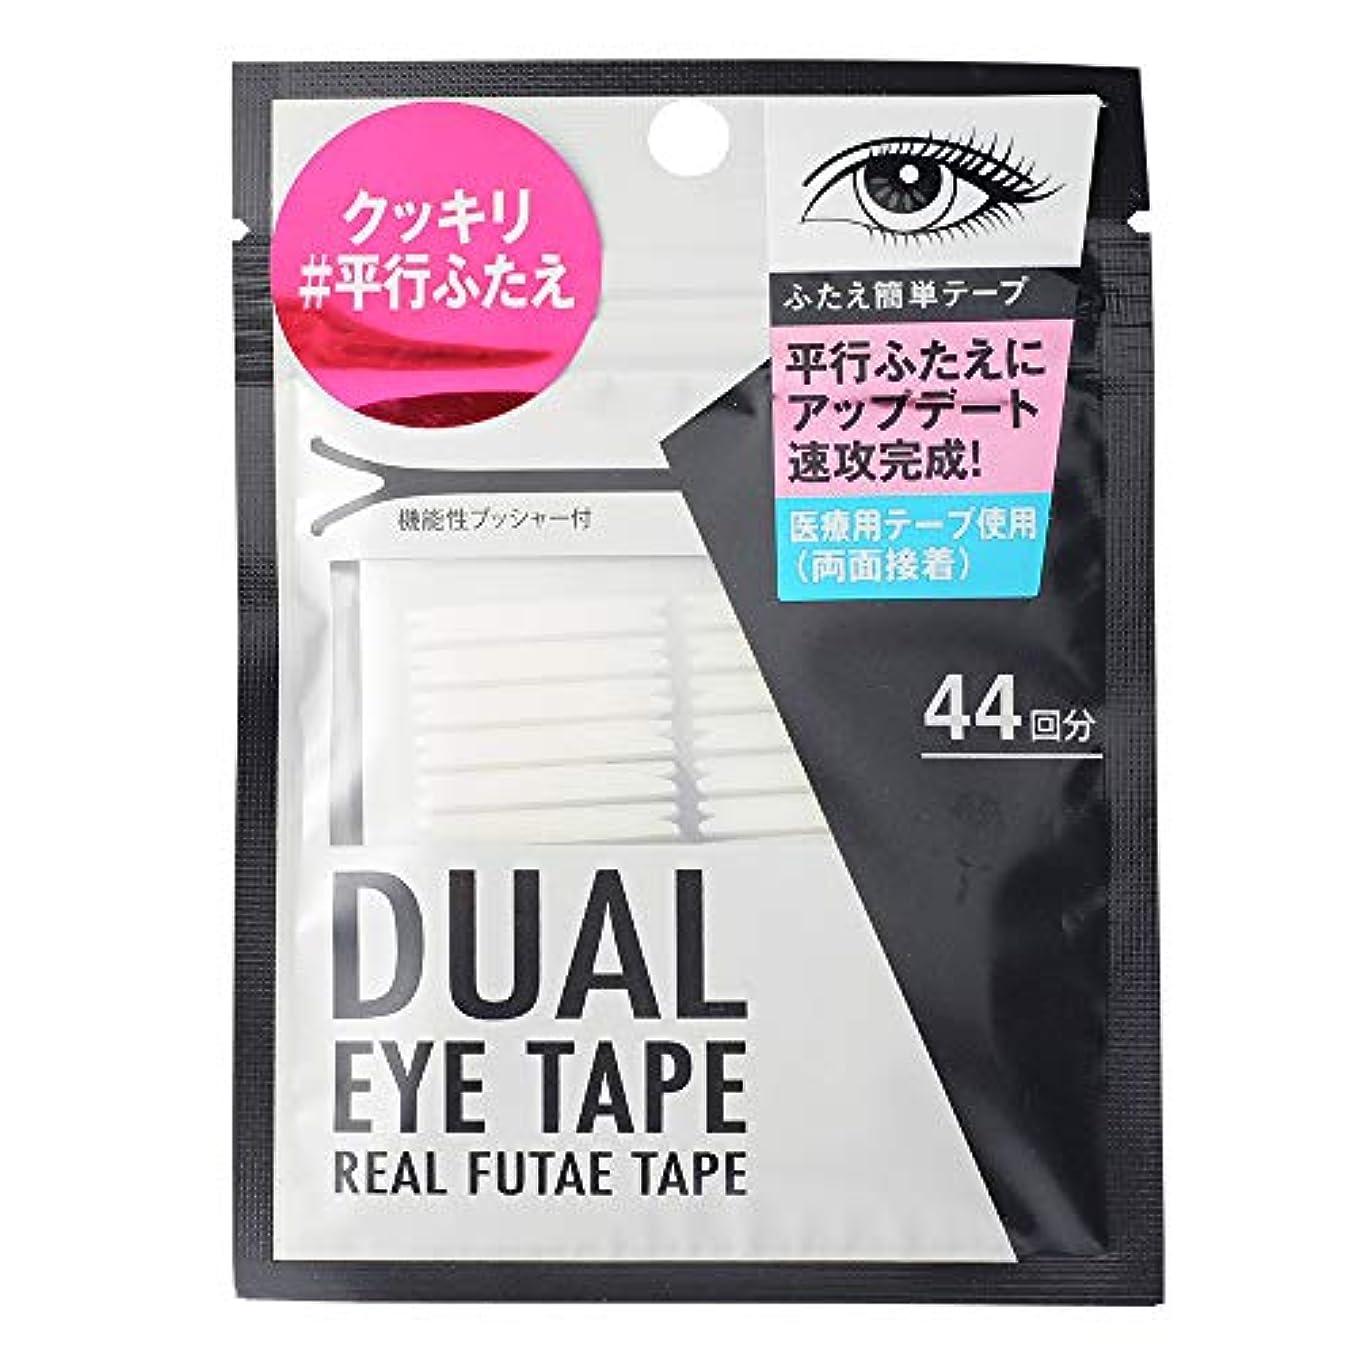 害スクレーパー伝説デュアルアイテープ (平行ふたえ両面接着テープ) (44回分)